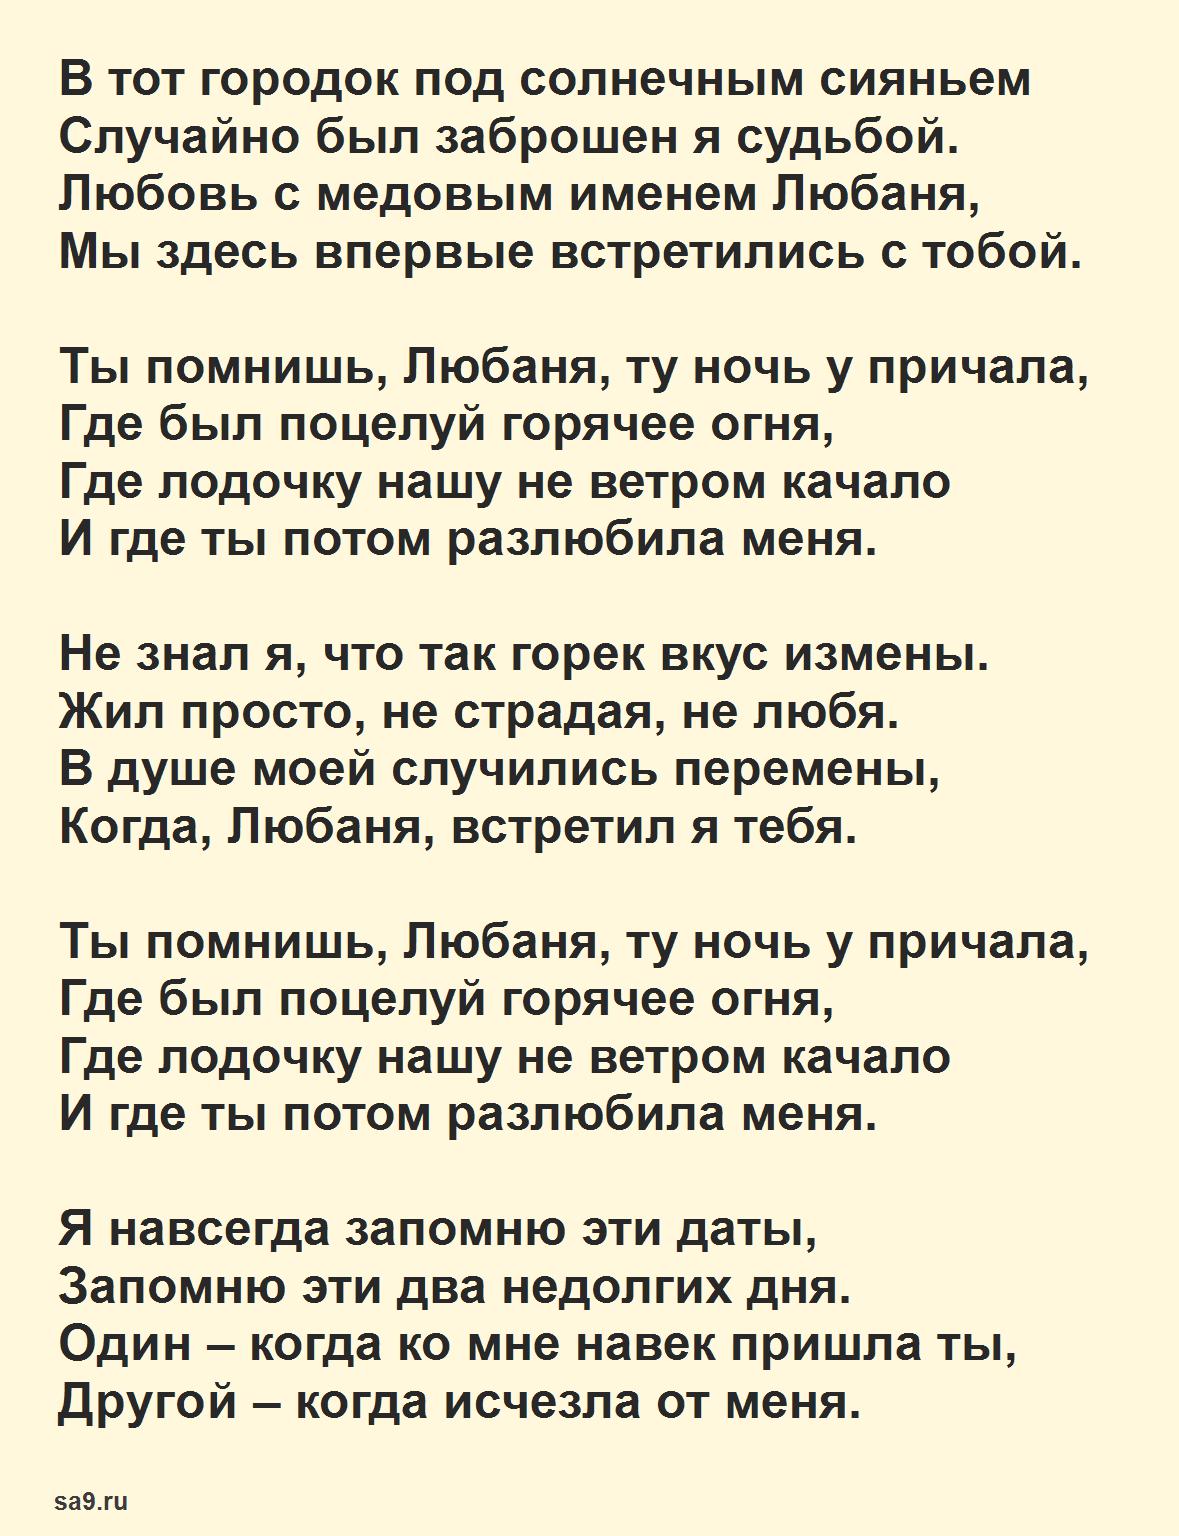 Любаня стихи лучших поэтов о любви, Рубальская